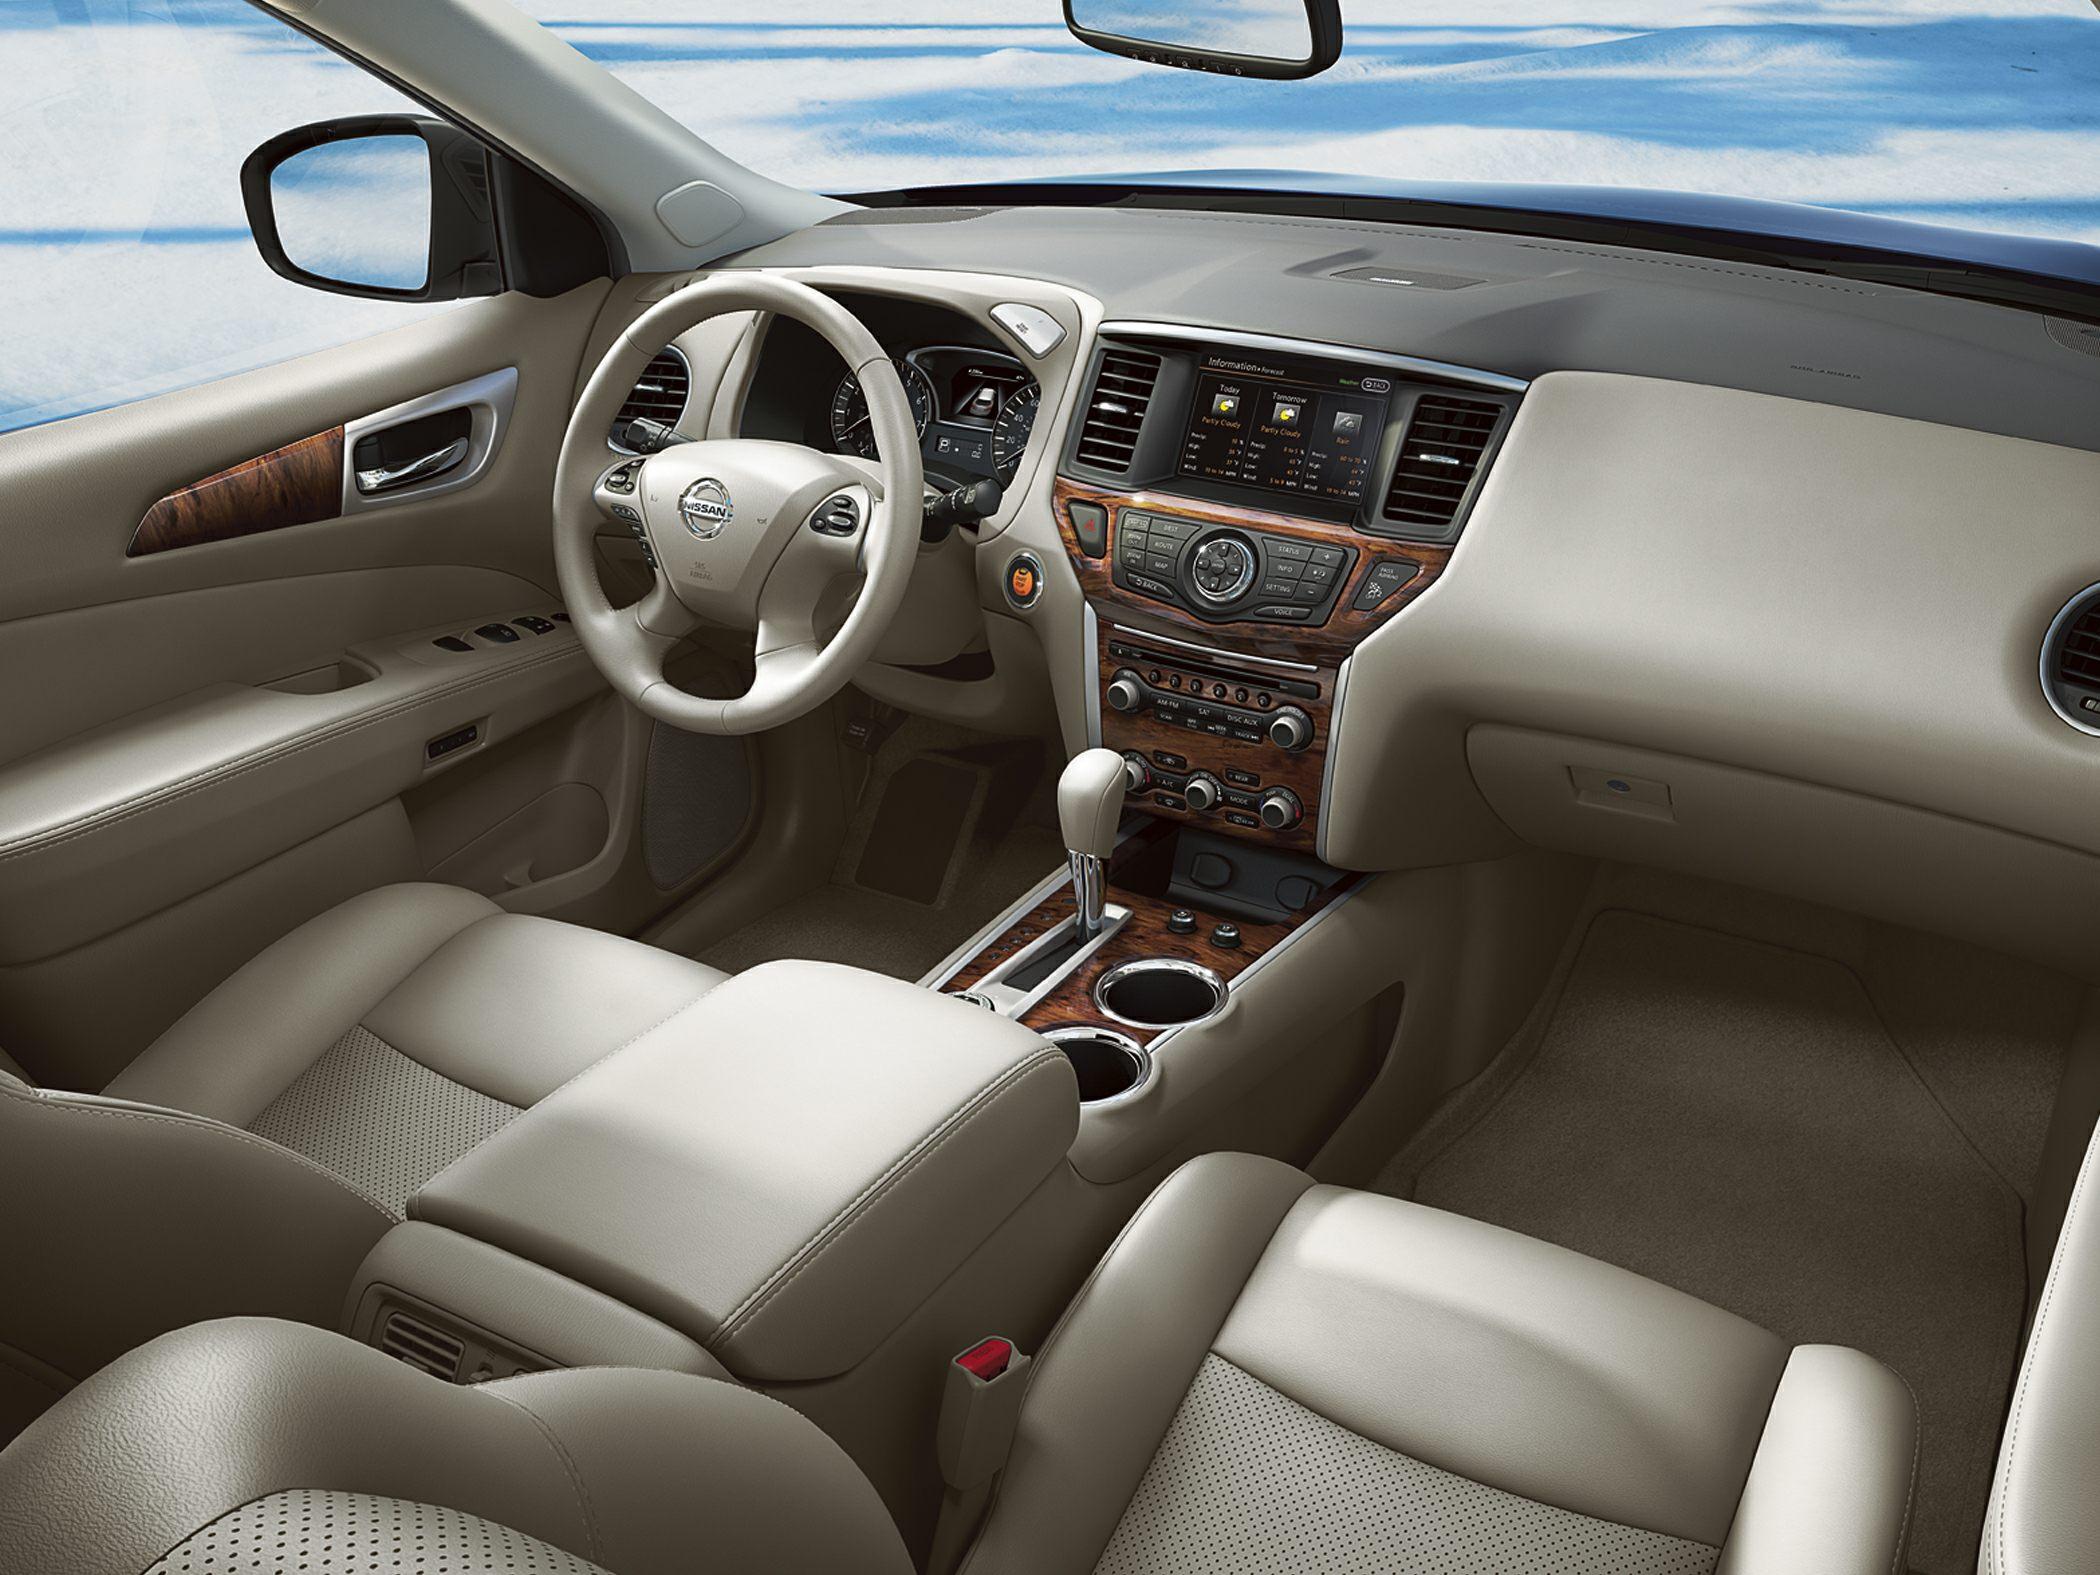 2014 Nissan Pathfinder Glamour Interior